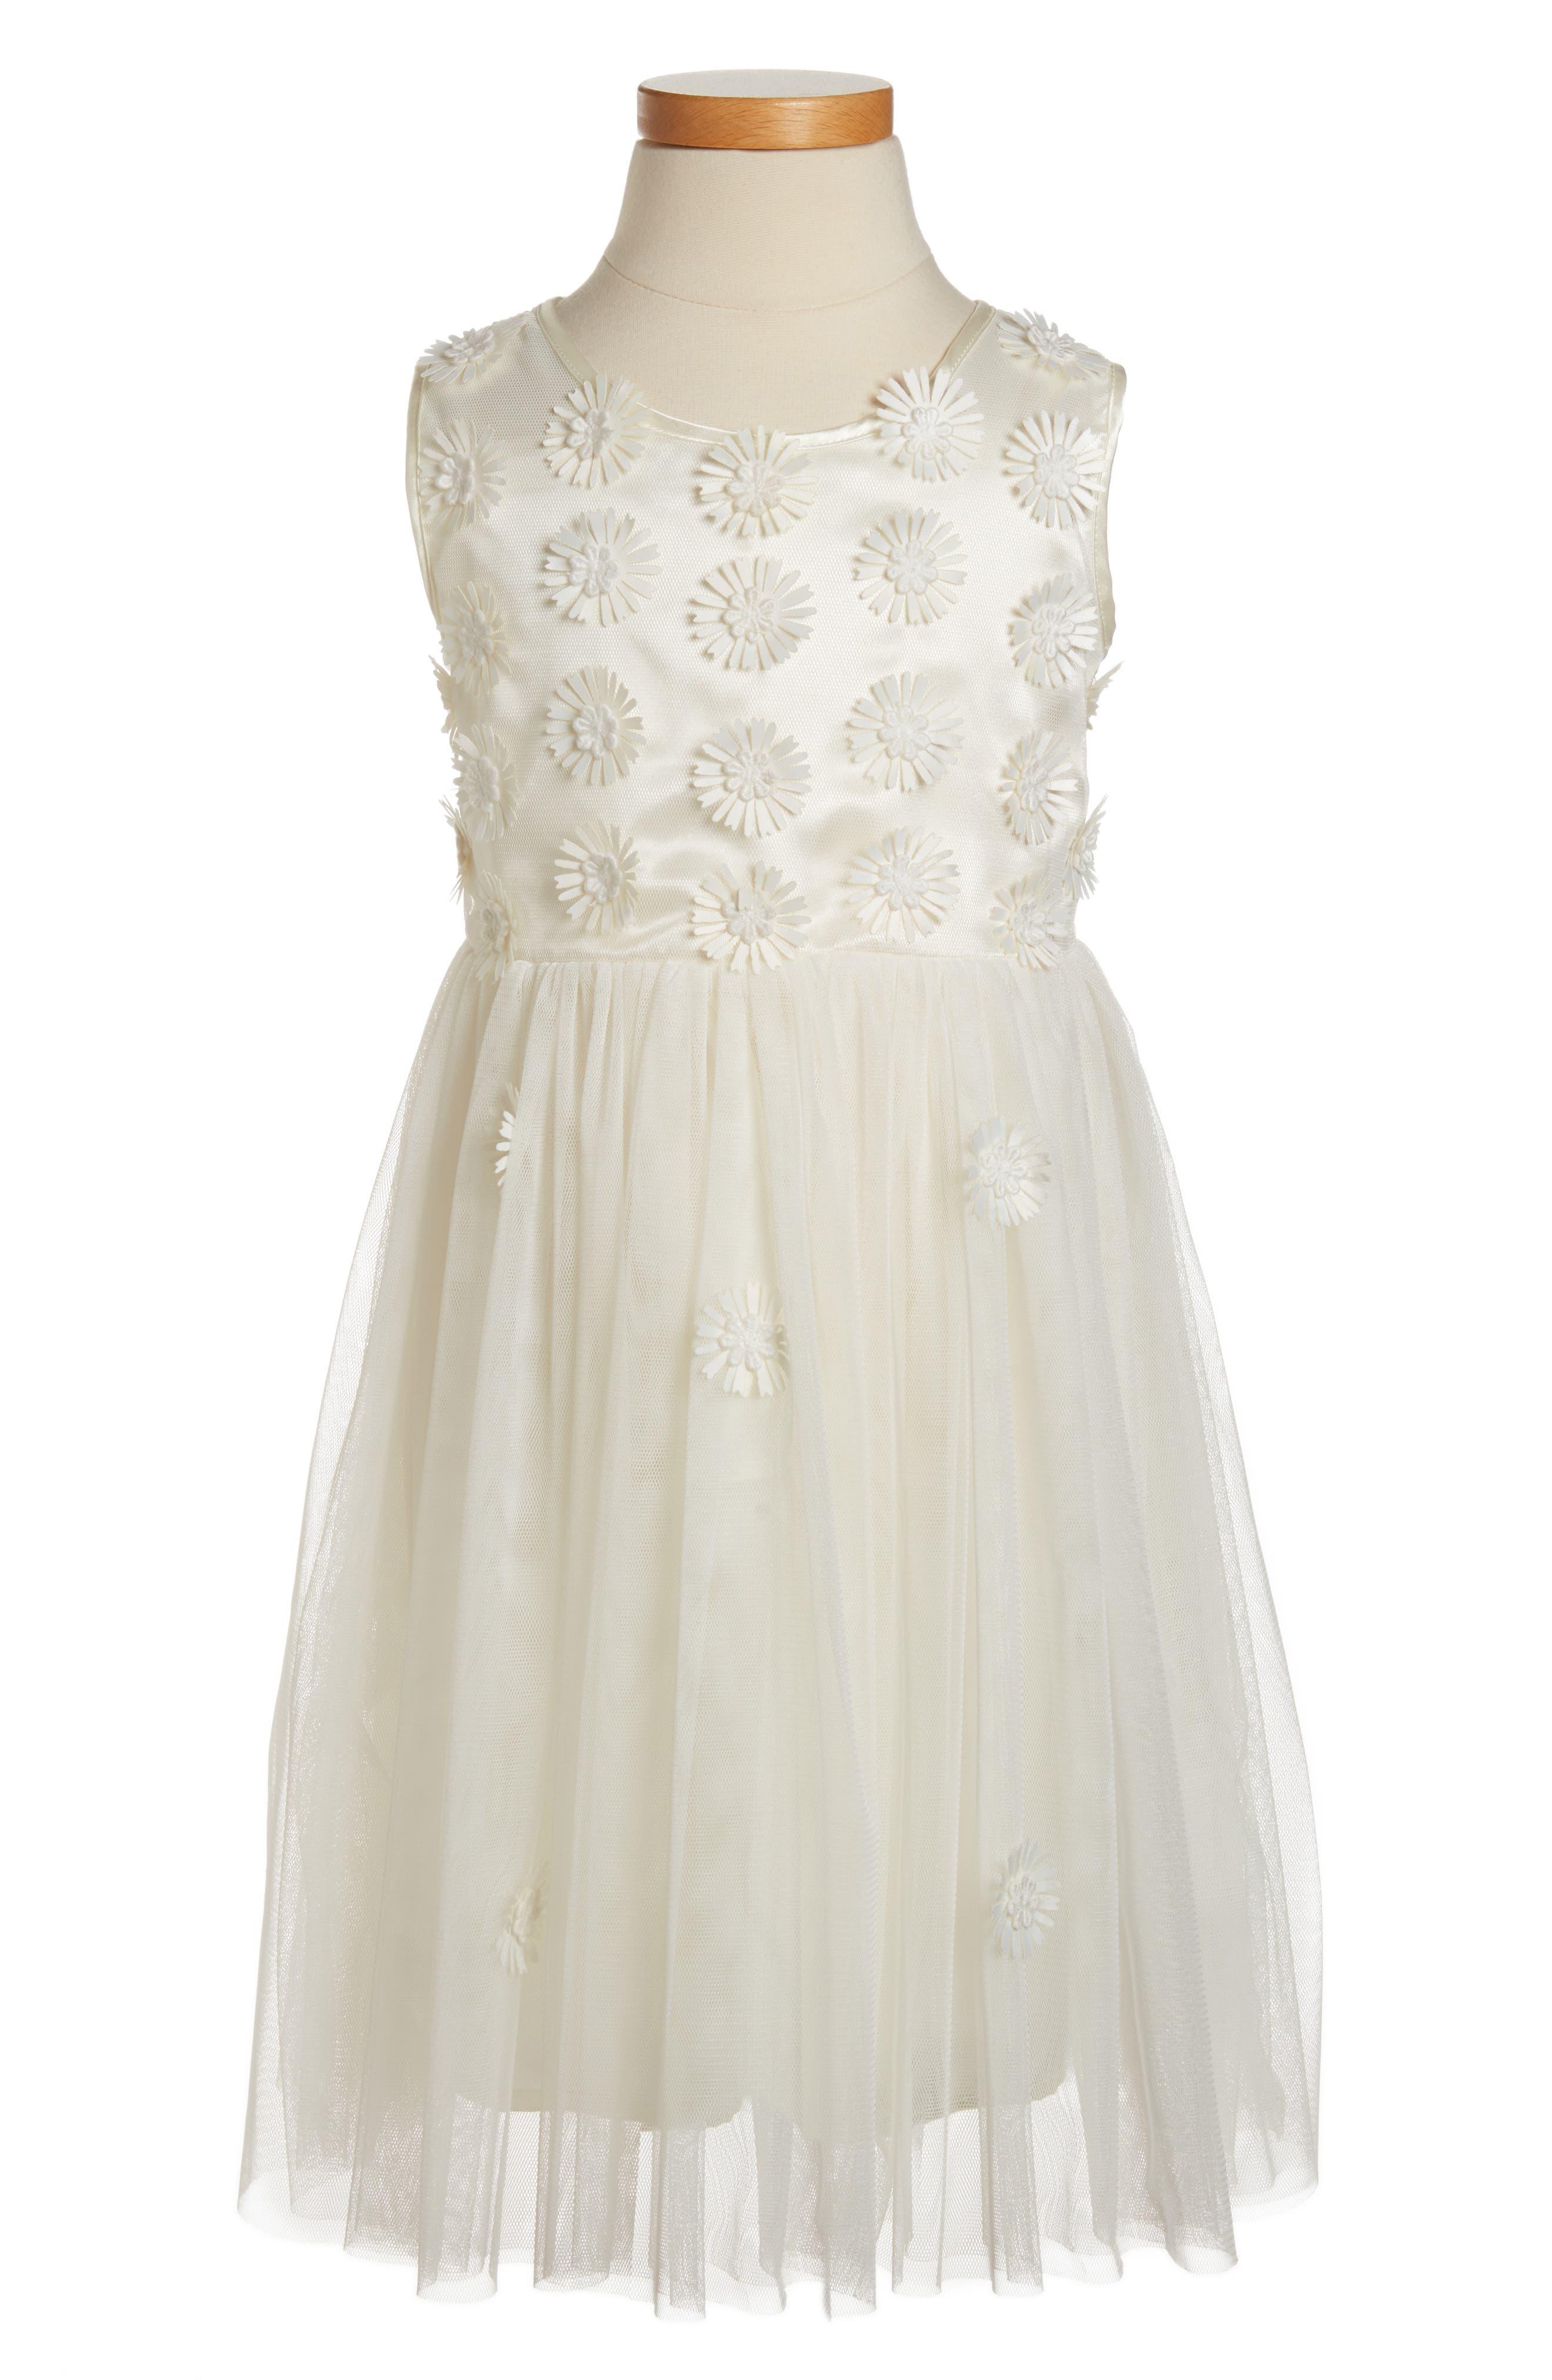 POPATU, Daisy Sleeveless Dress, Main thumbnail 1, color, WHITE